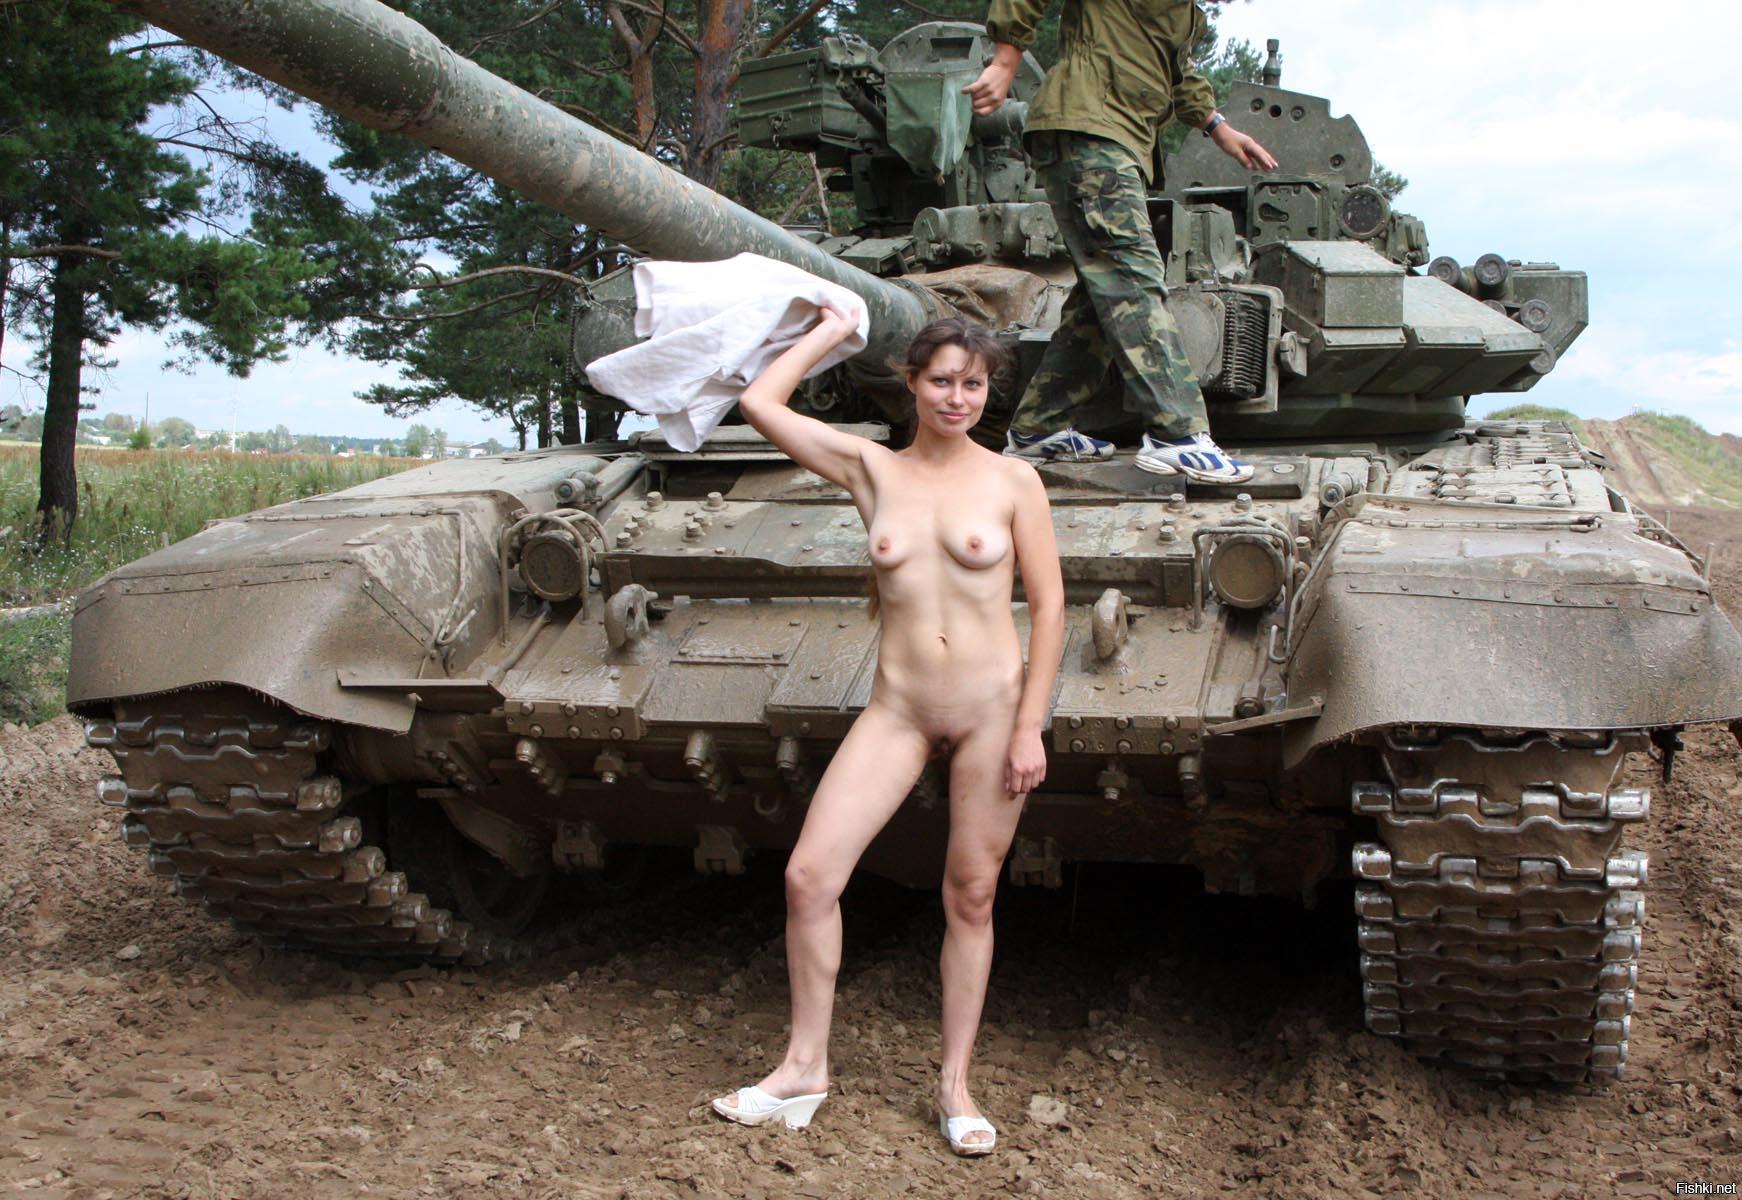 Порно фото мир танков лучше проститутка или